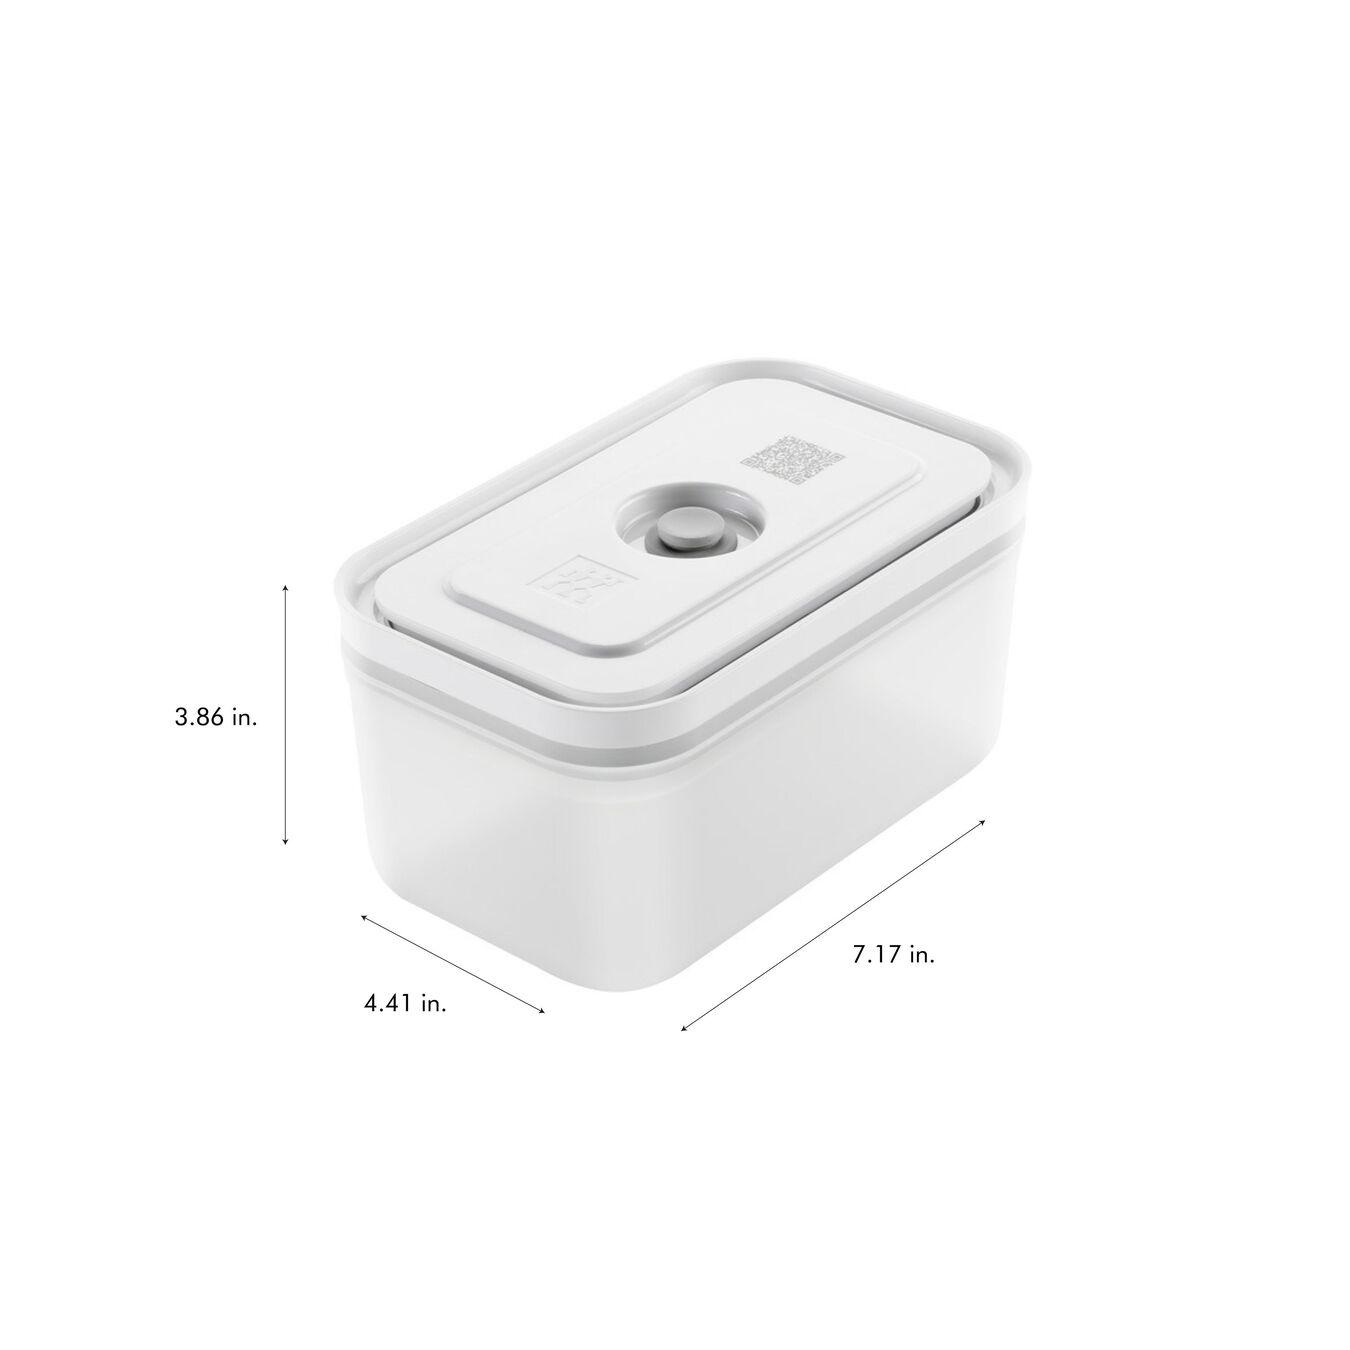 Ensemble de boîtes sous vide, S/M/L / 3-pcs, Plastique, Blanc,,large 10